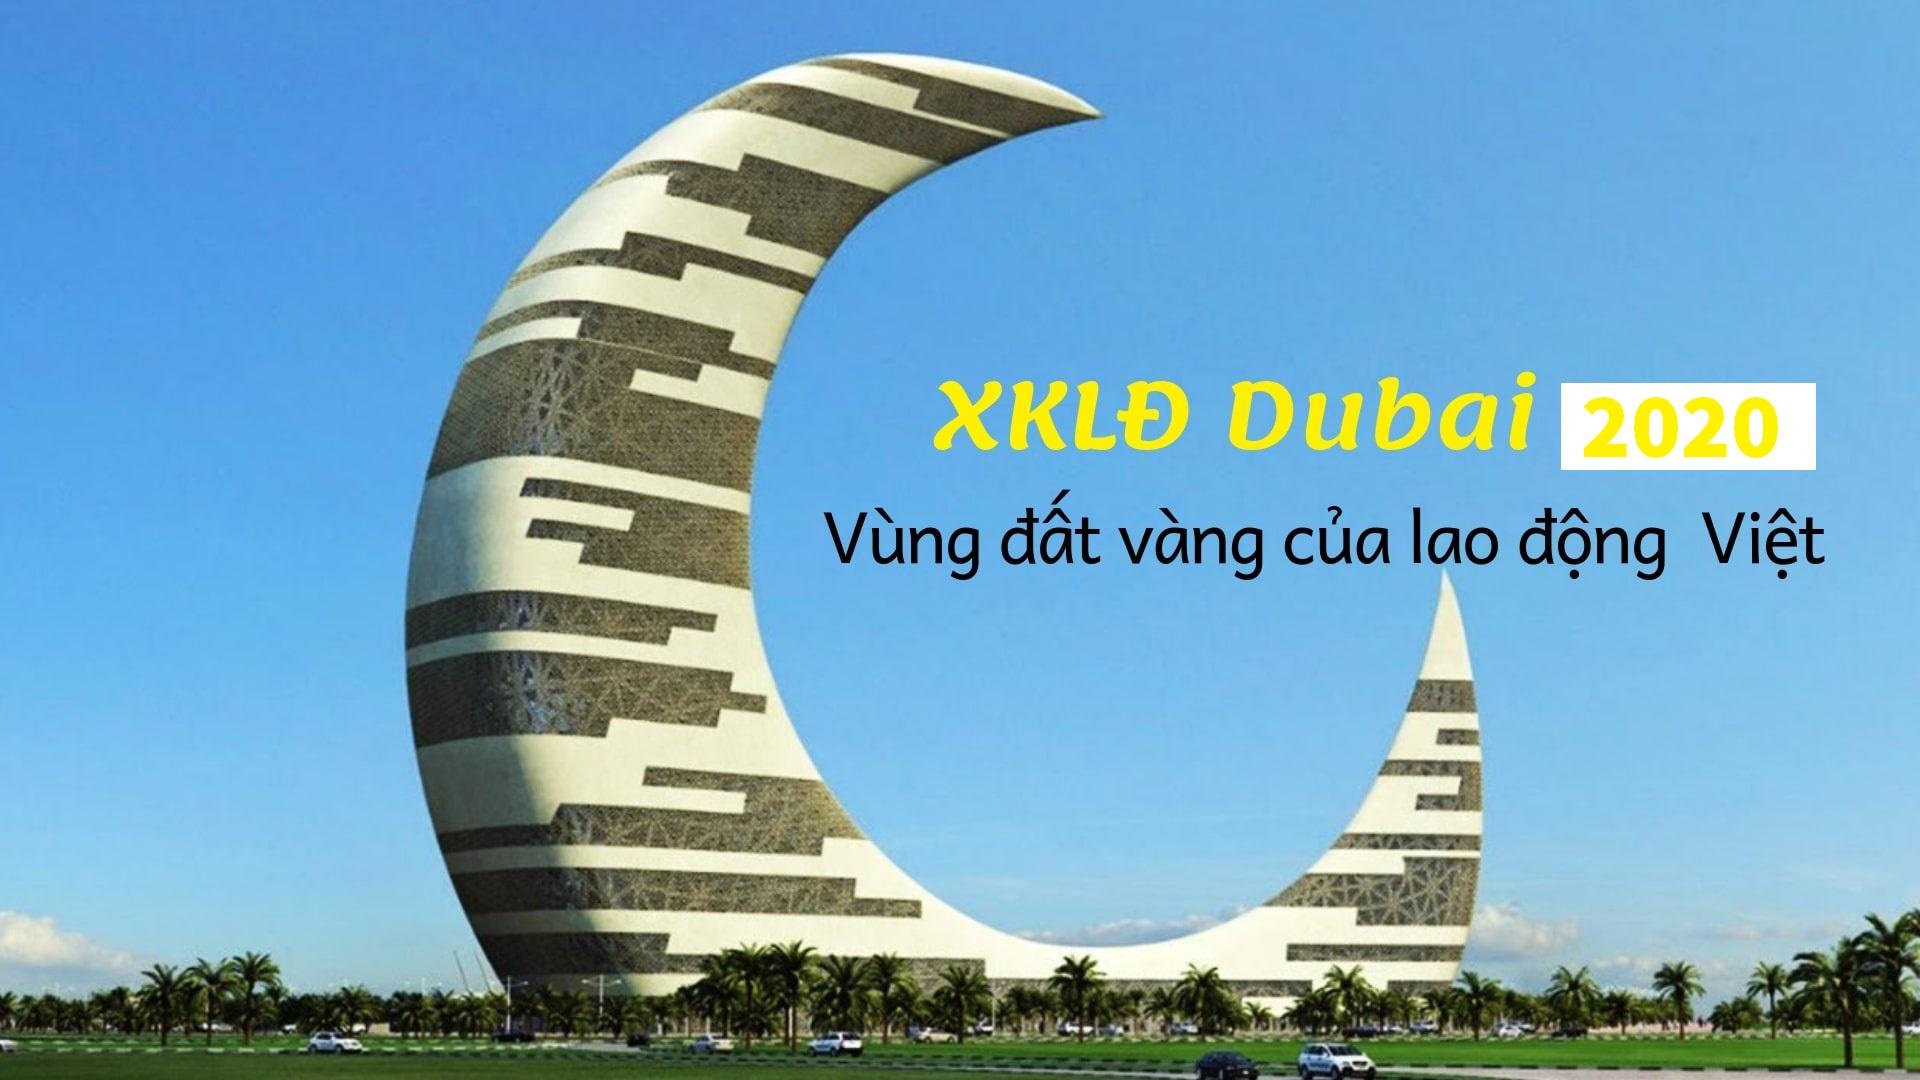 XKLĐ Dubai 2020 – TẤT TẦN TẬT về điều kiện, thủ tục, chi phí, mức lương